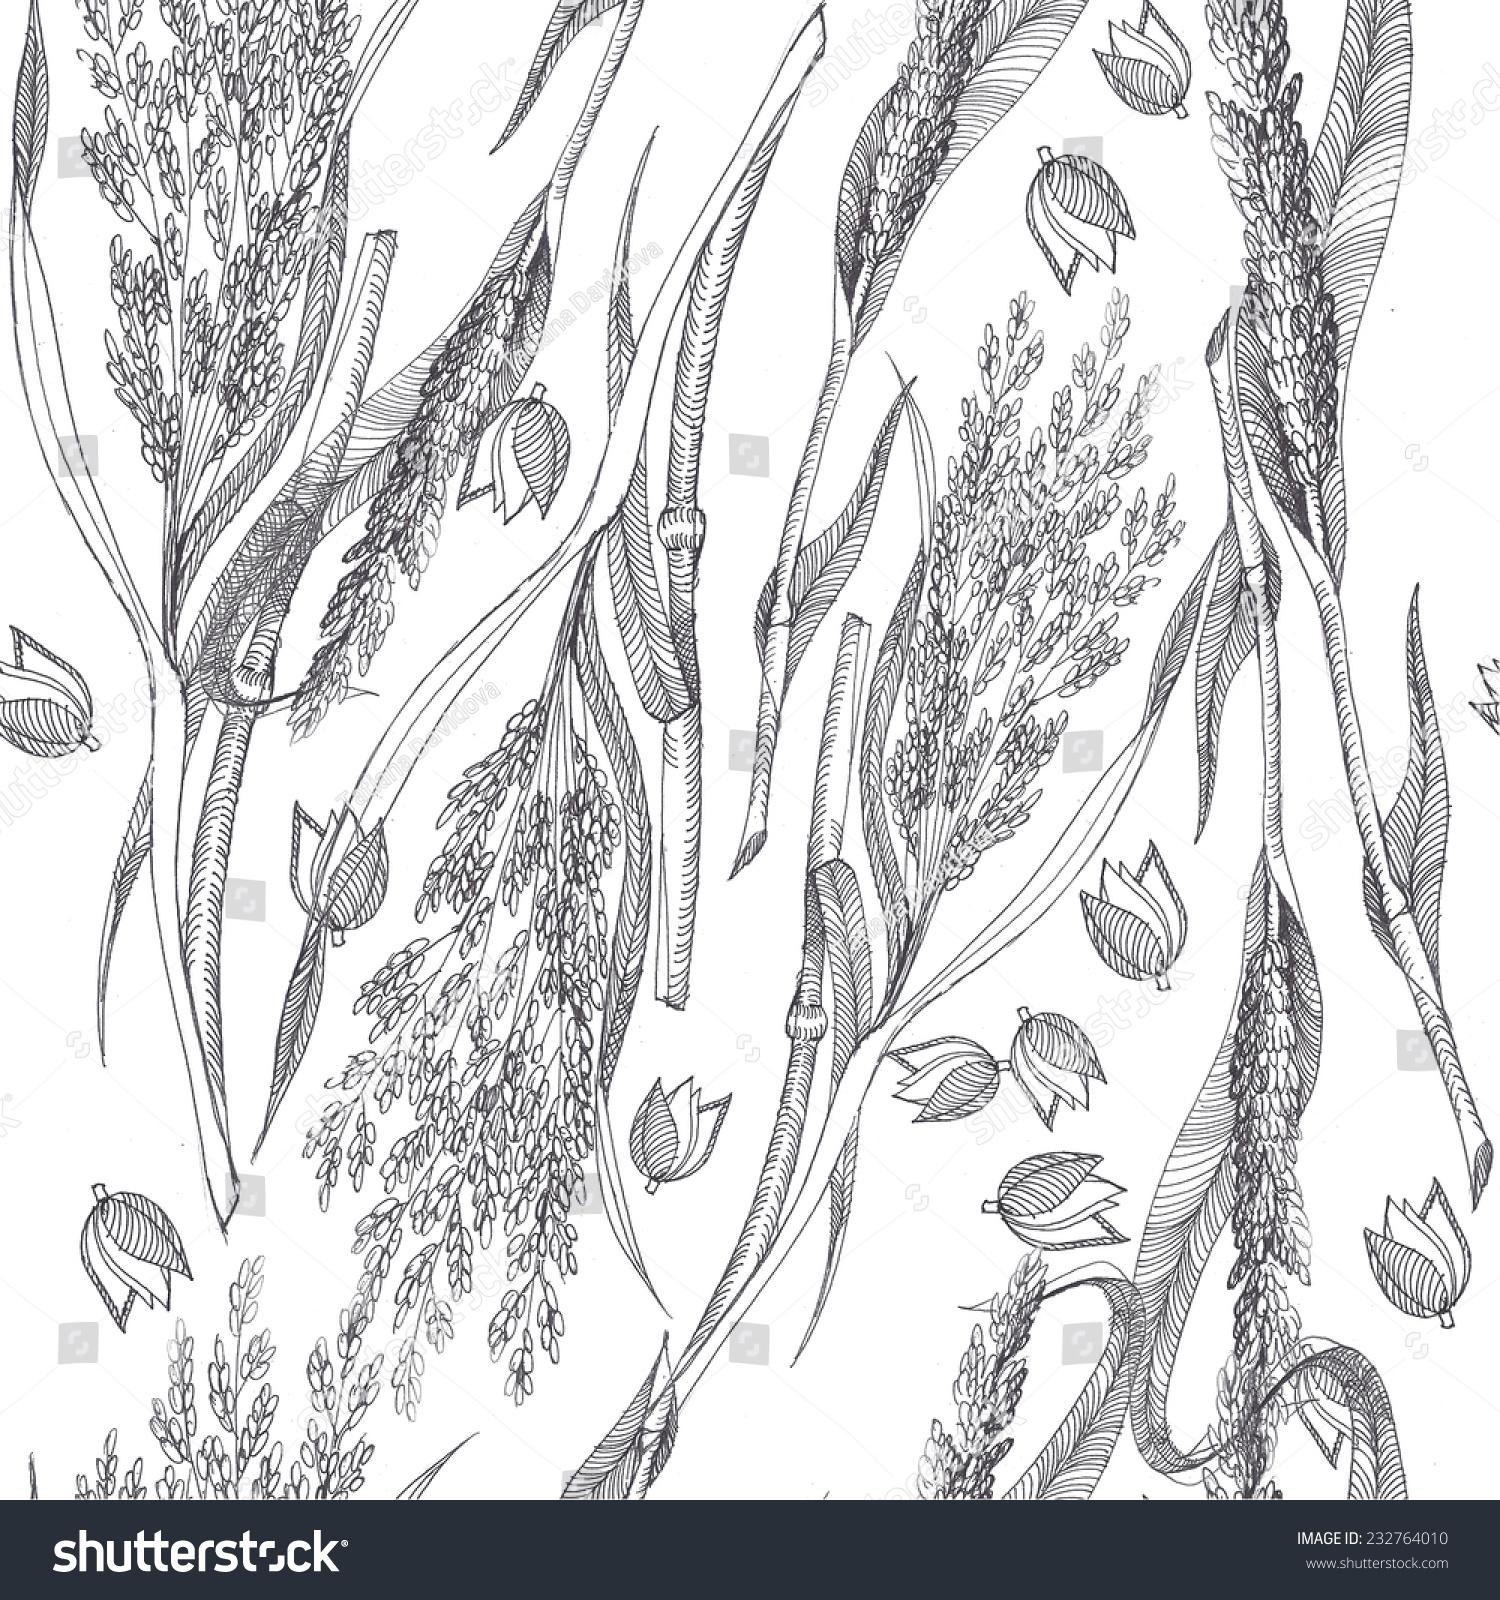 手绘无缝的小米模式-背景/素材